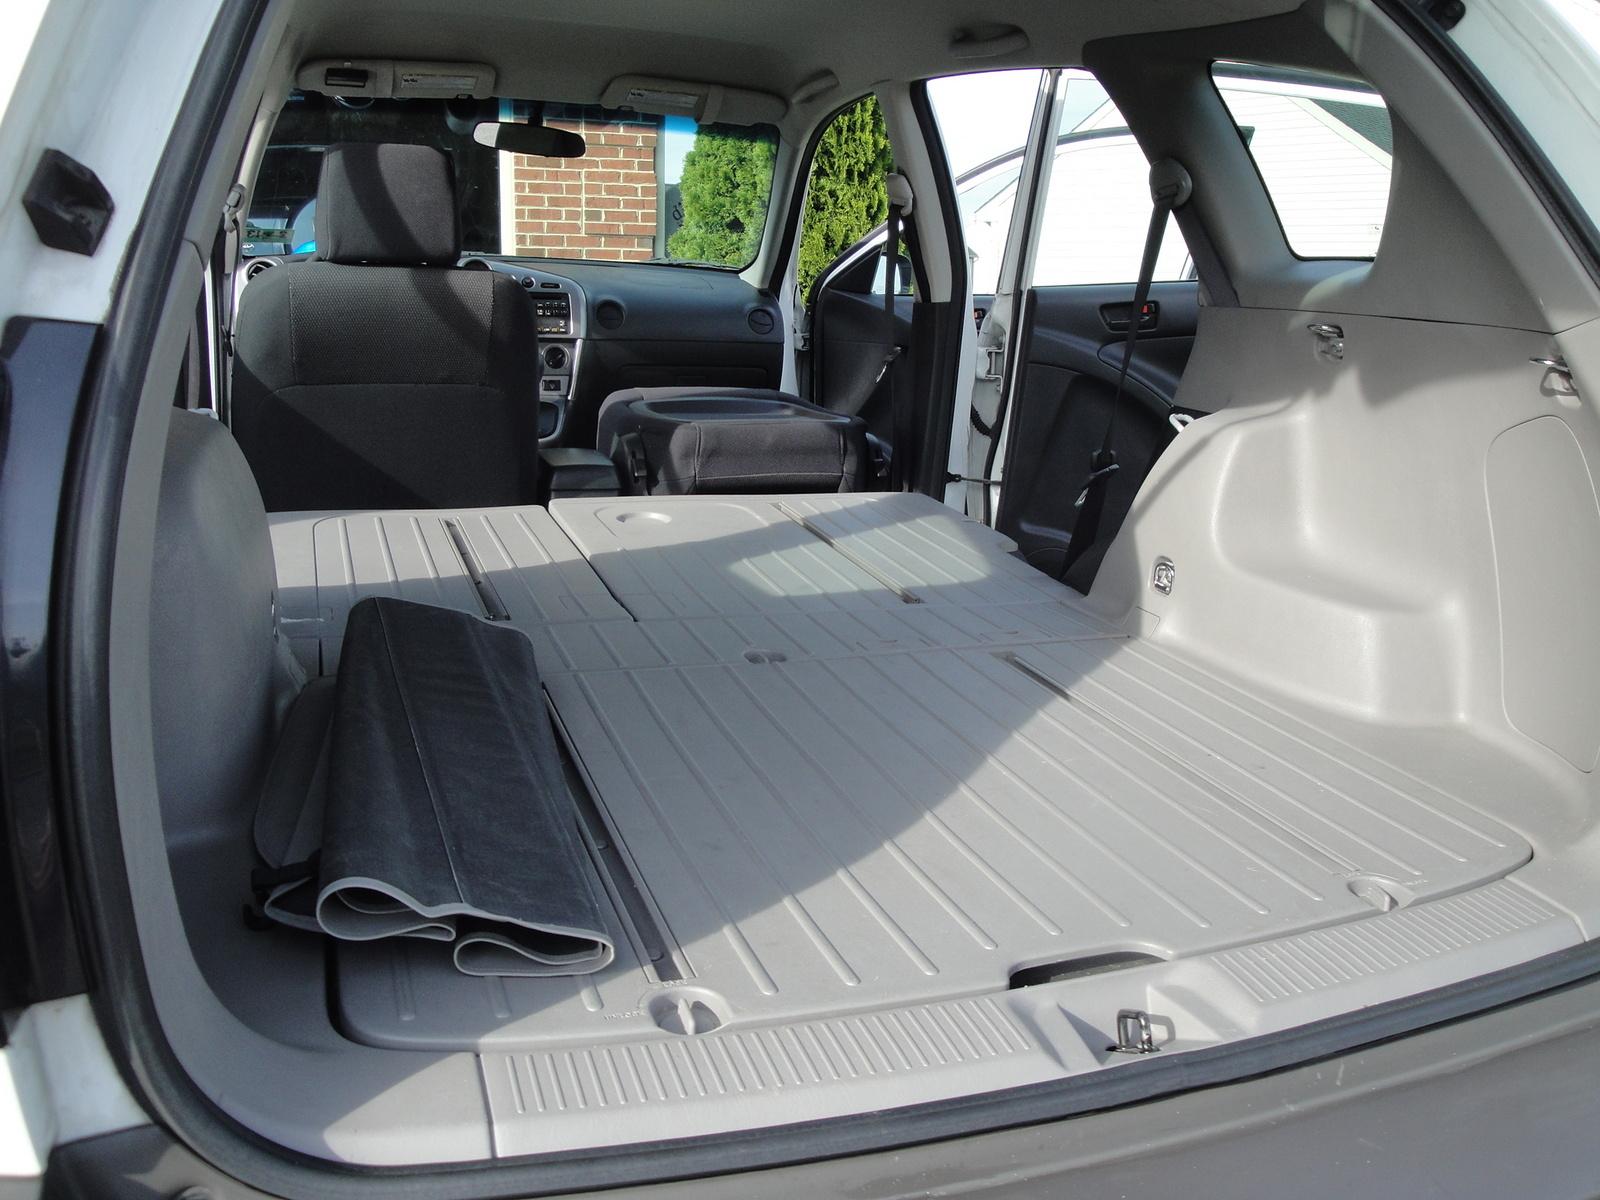 2005 pontiac vibe interior pictures cargurus. Black Bedroom Furniture Sets. Home Design Ideas